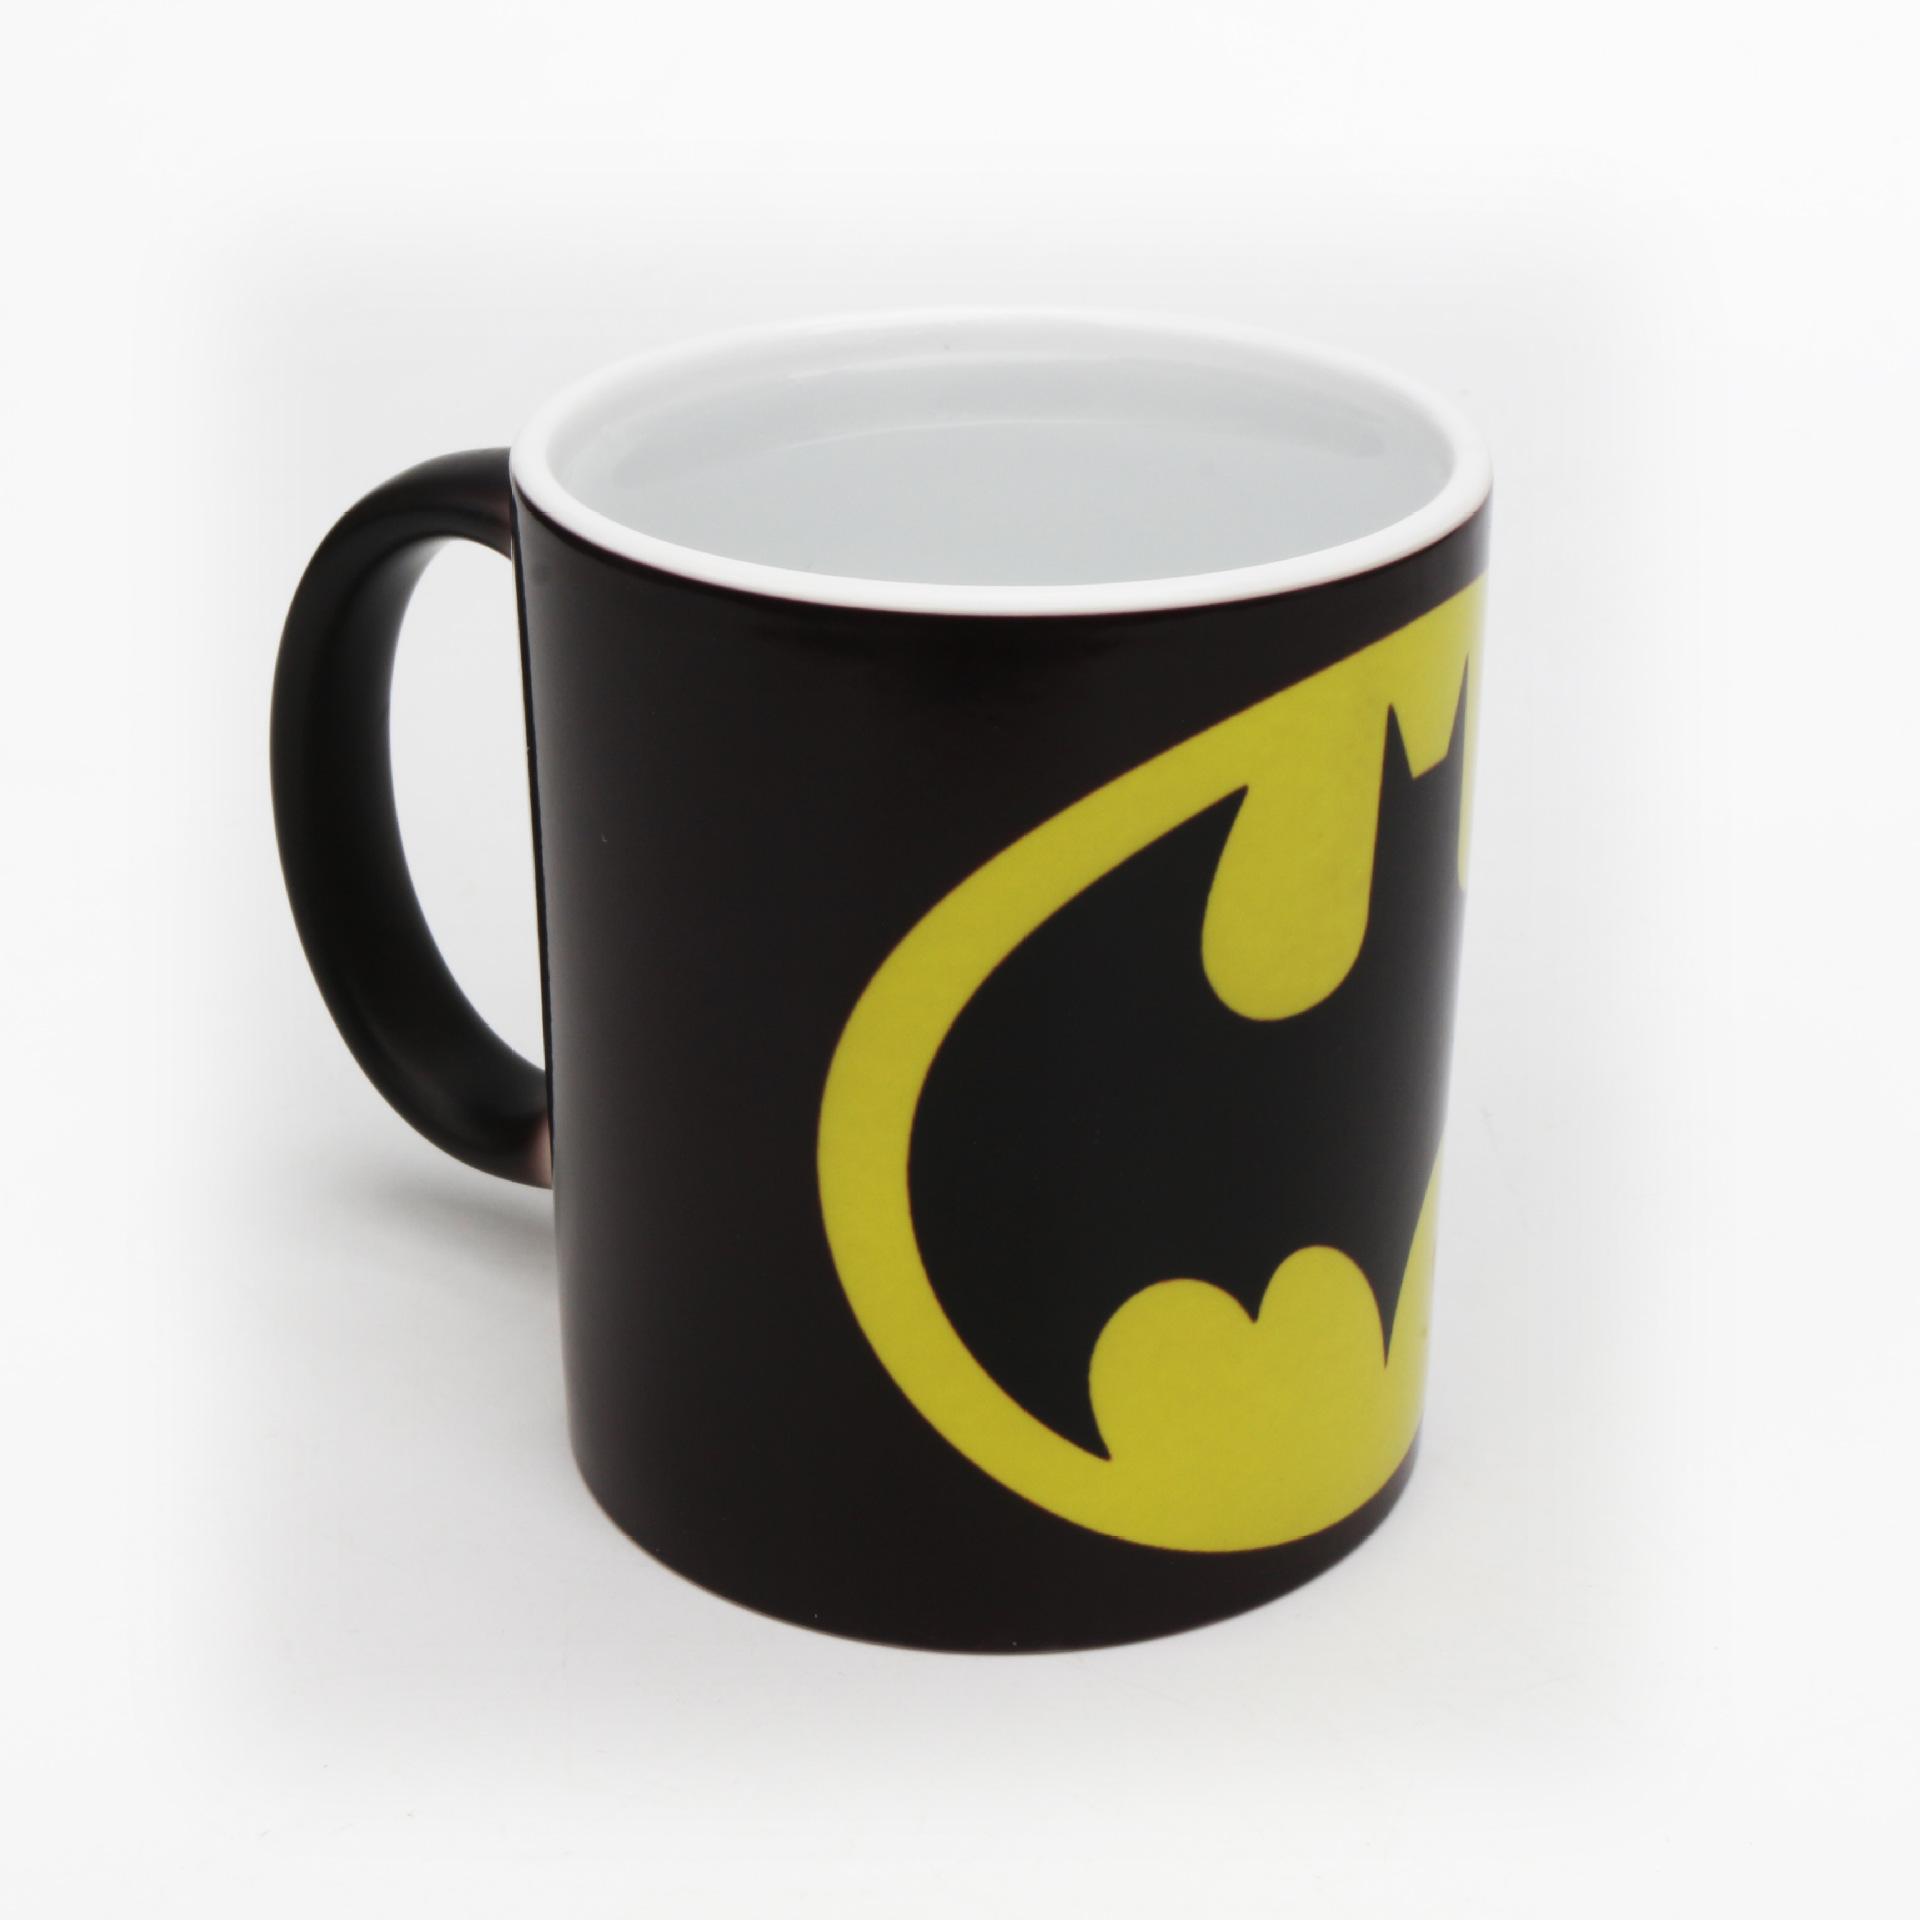 DC Comics Batman Action Super Héros Marvel Mug Tasse Cadeau Nouveauté Idée Cadeau